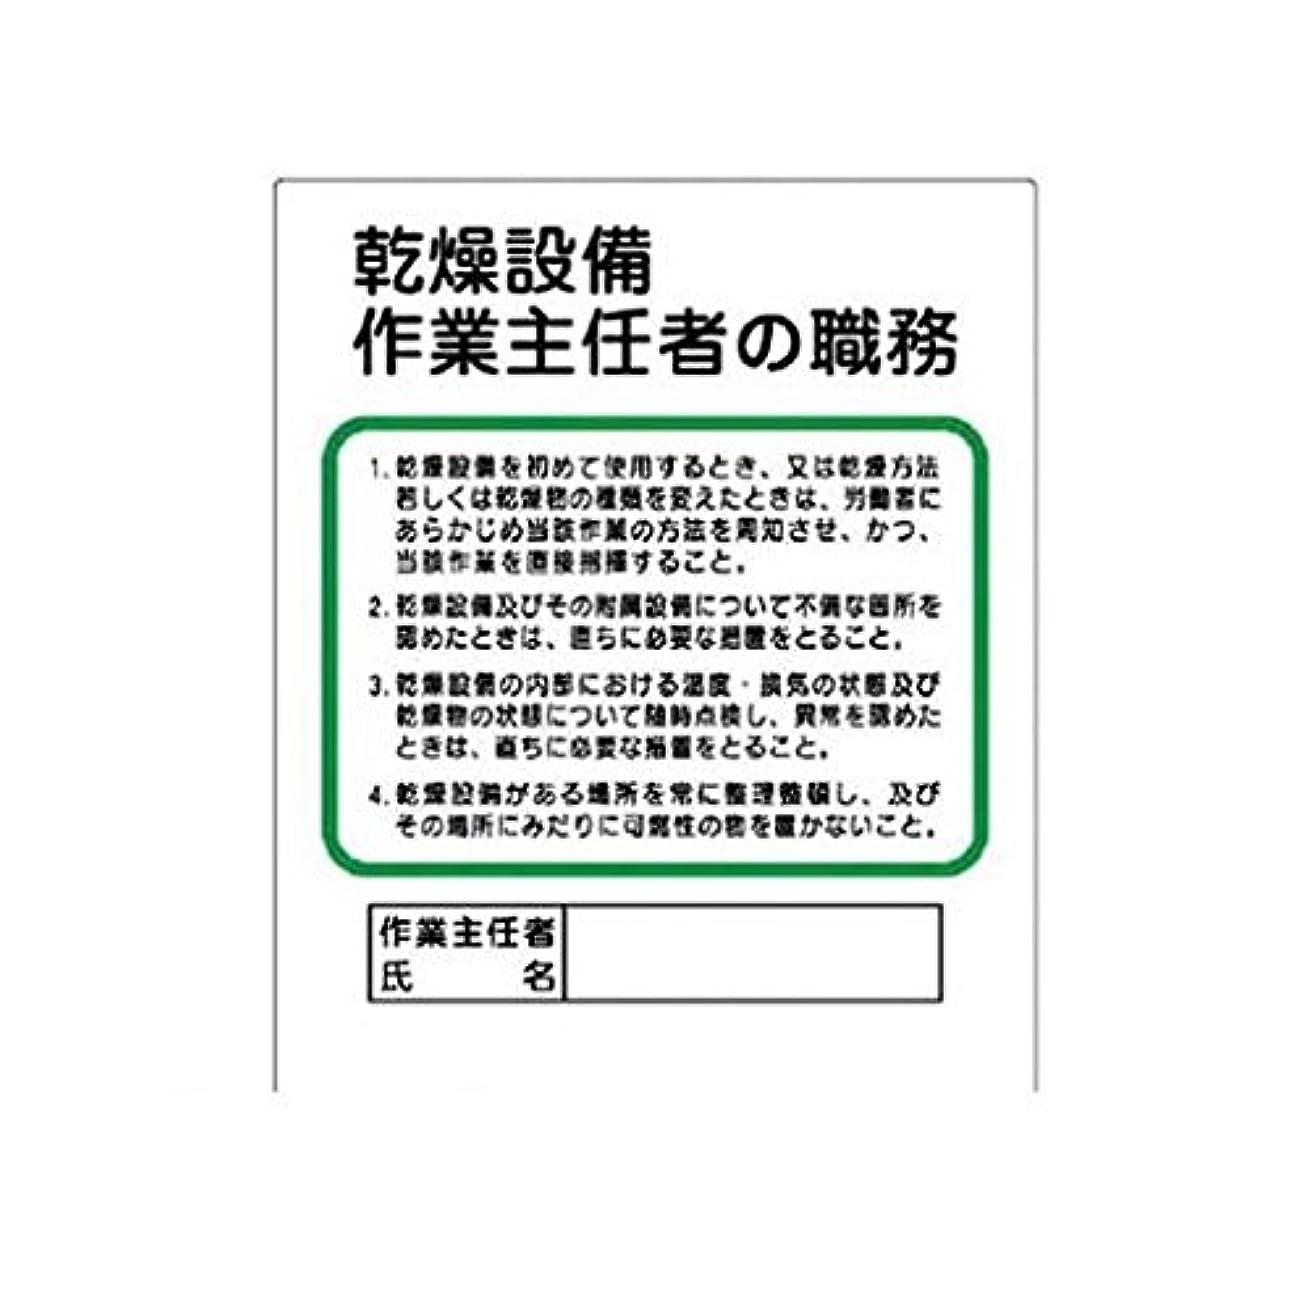 樹皮必要とする暗殺者FV98830 作業主任者職務板 乾燥設備作… エコユニボード 500×400mm